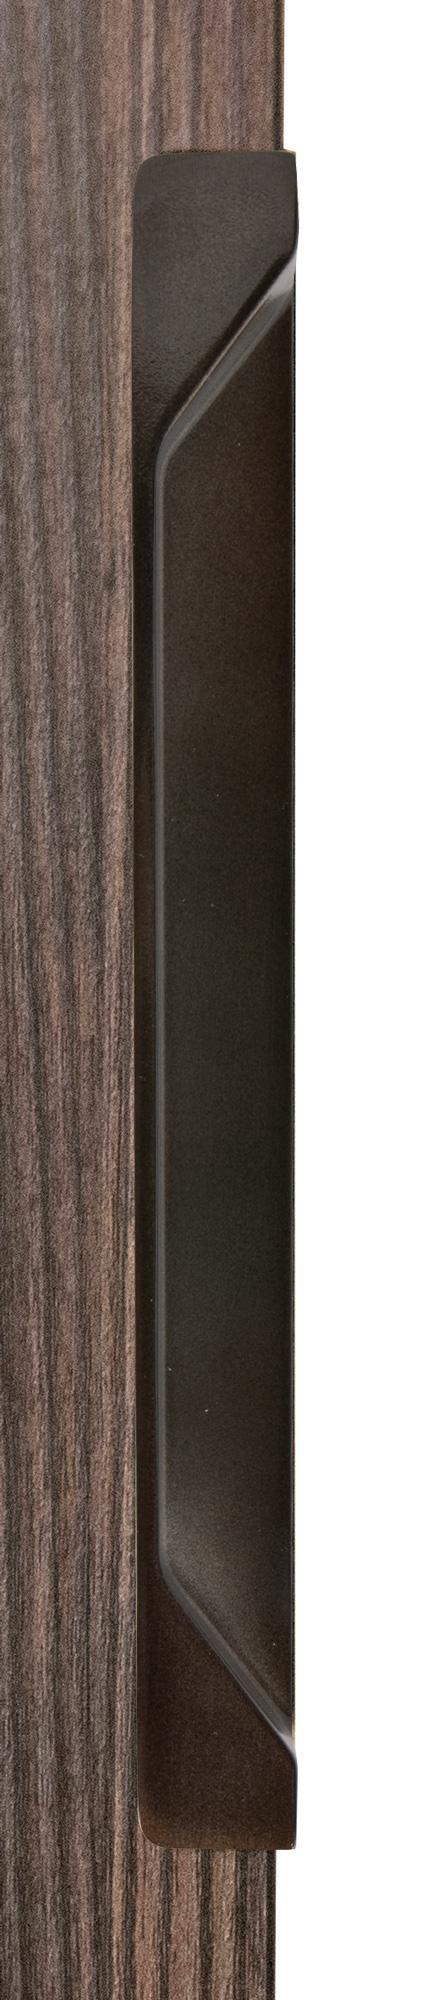 Ручка врезная мебельная, L 200мм венге